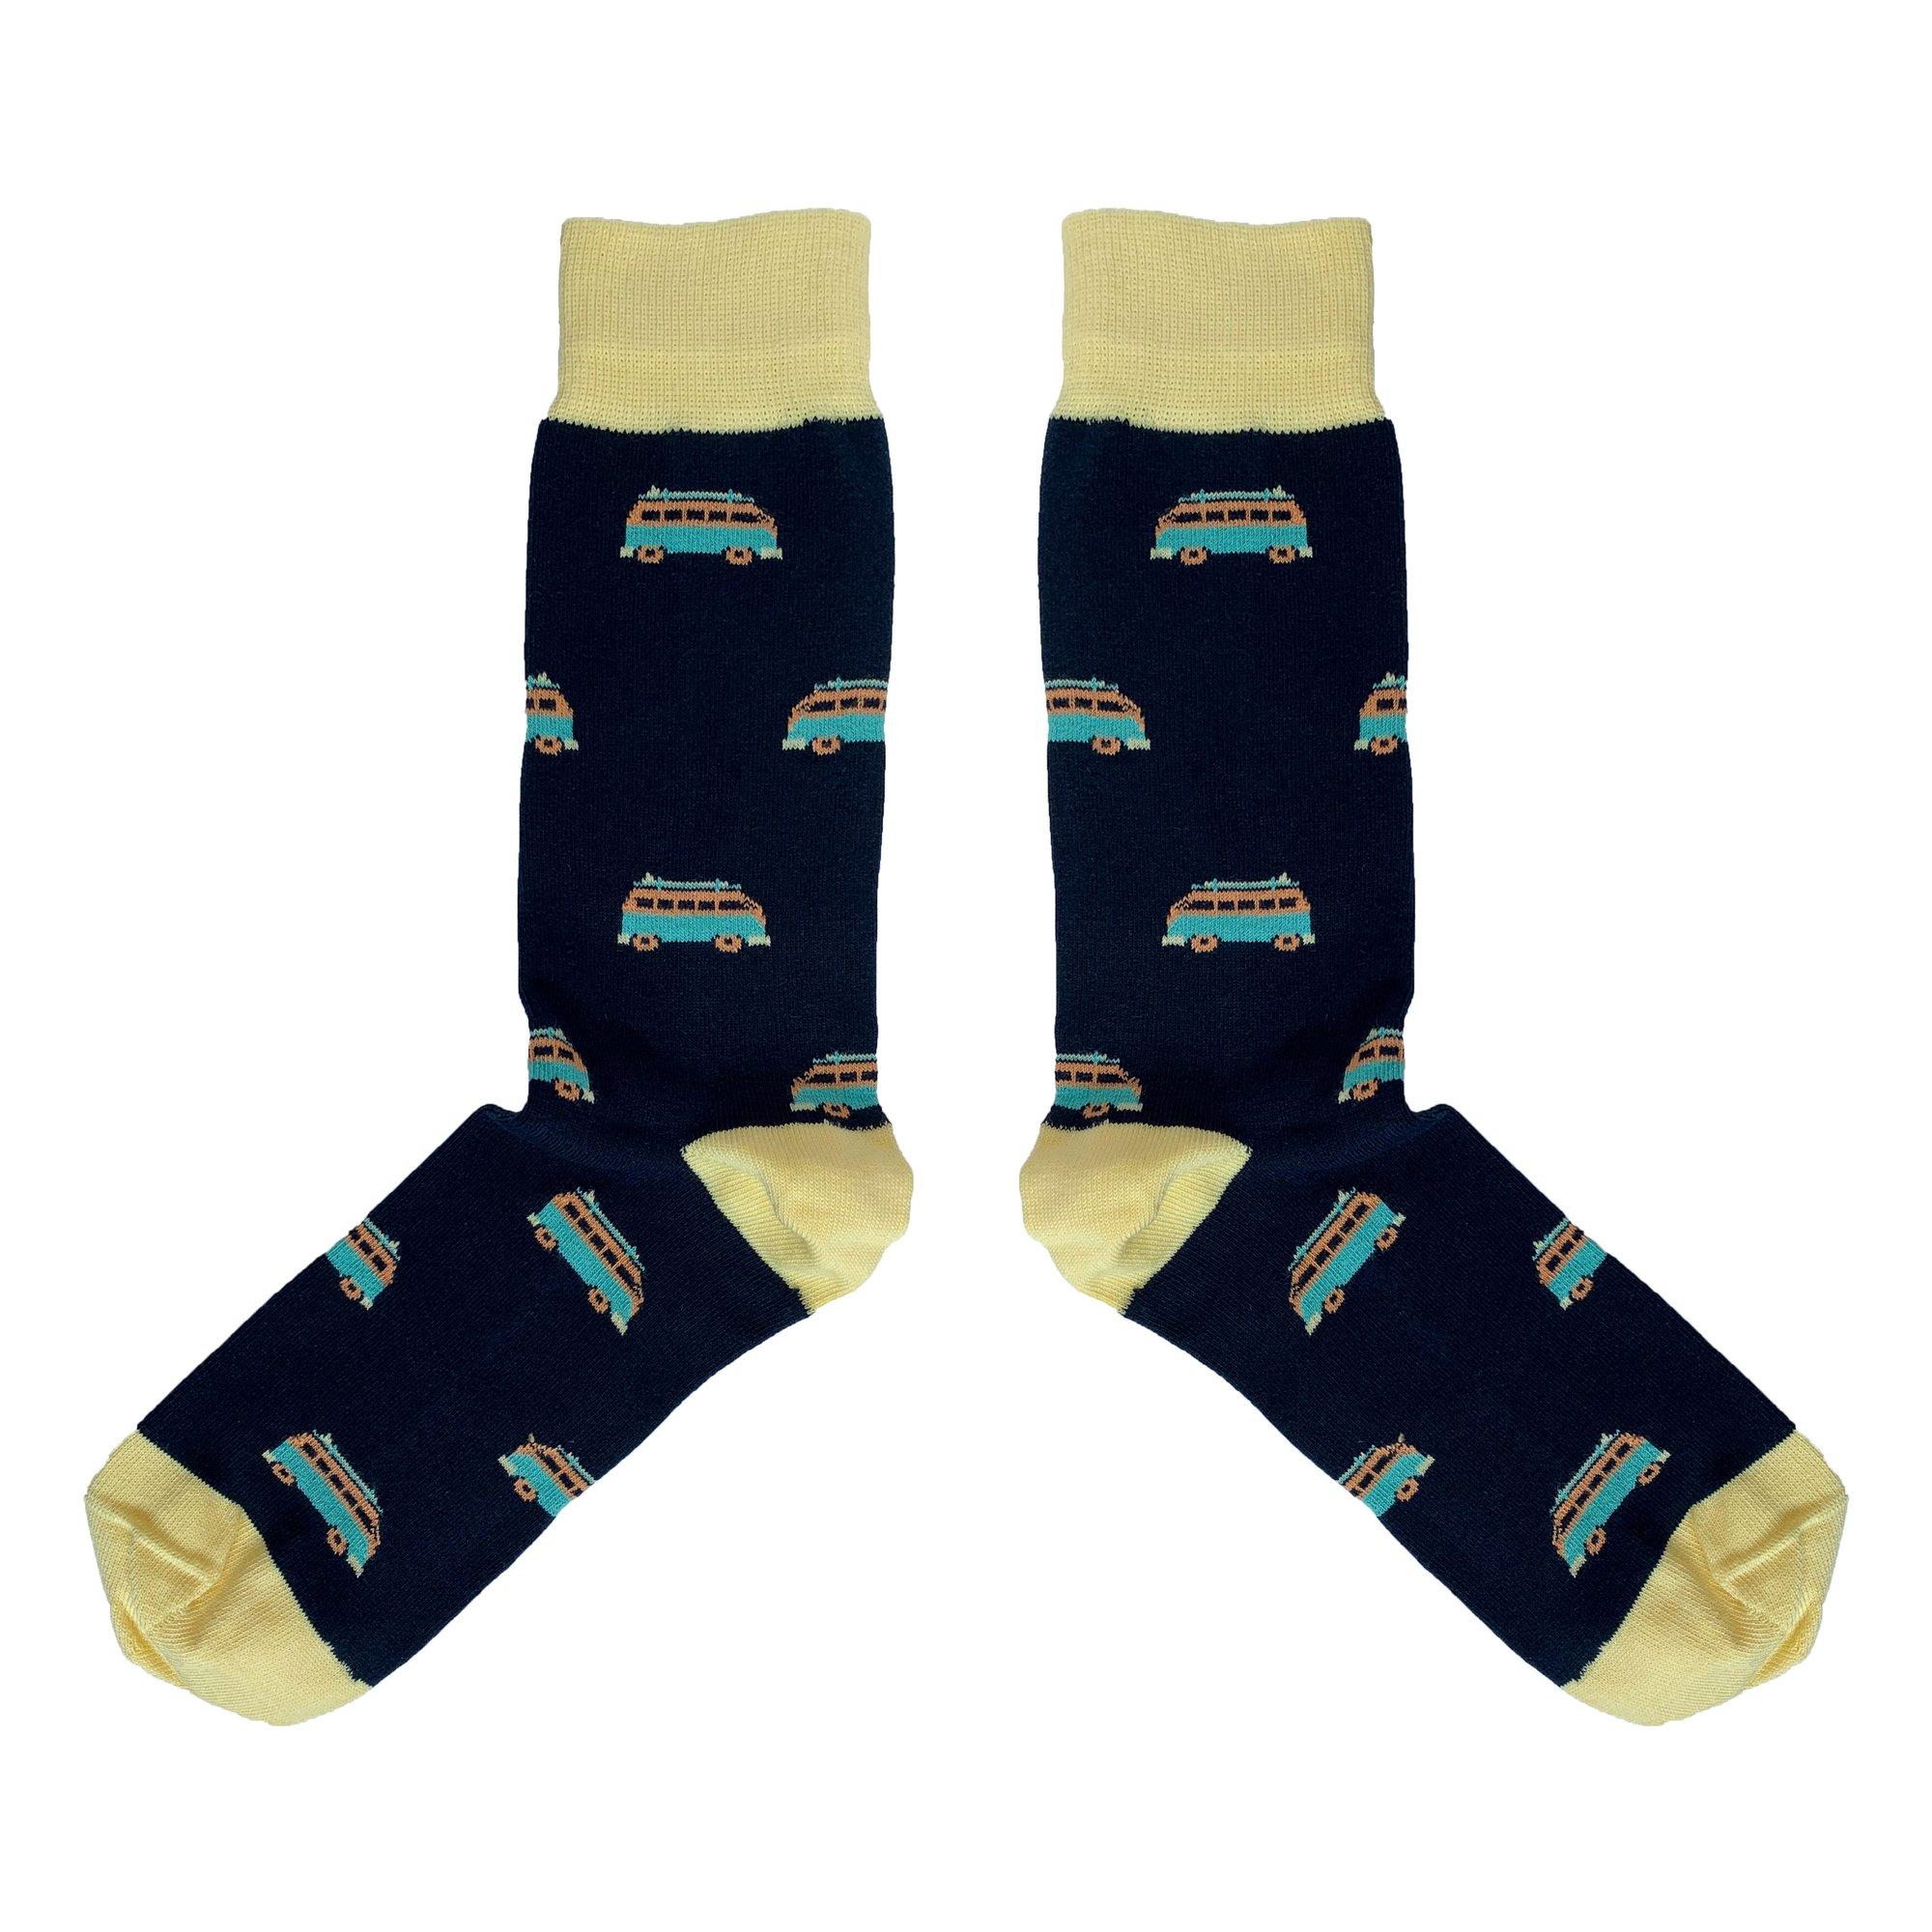 Campervan Socks UK 7.5-11.5